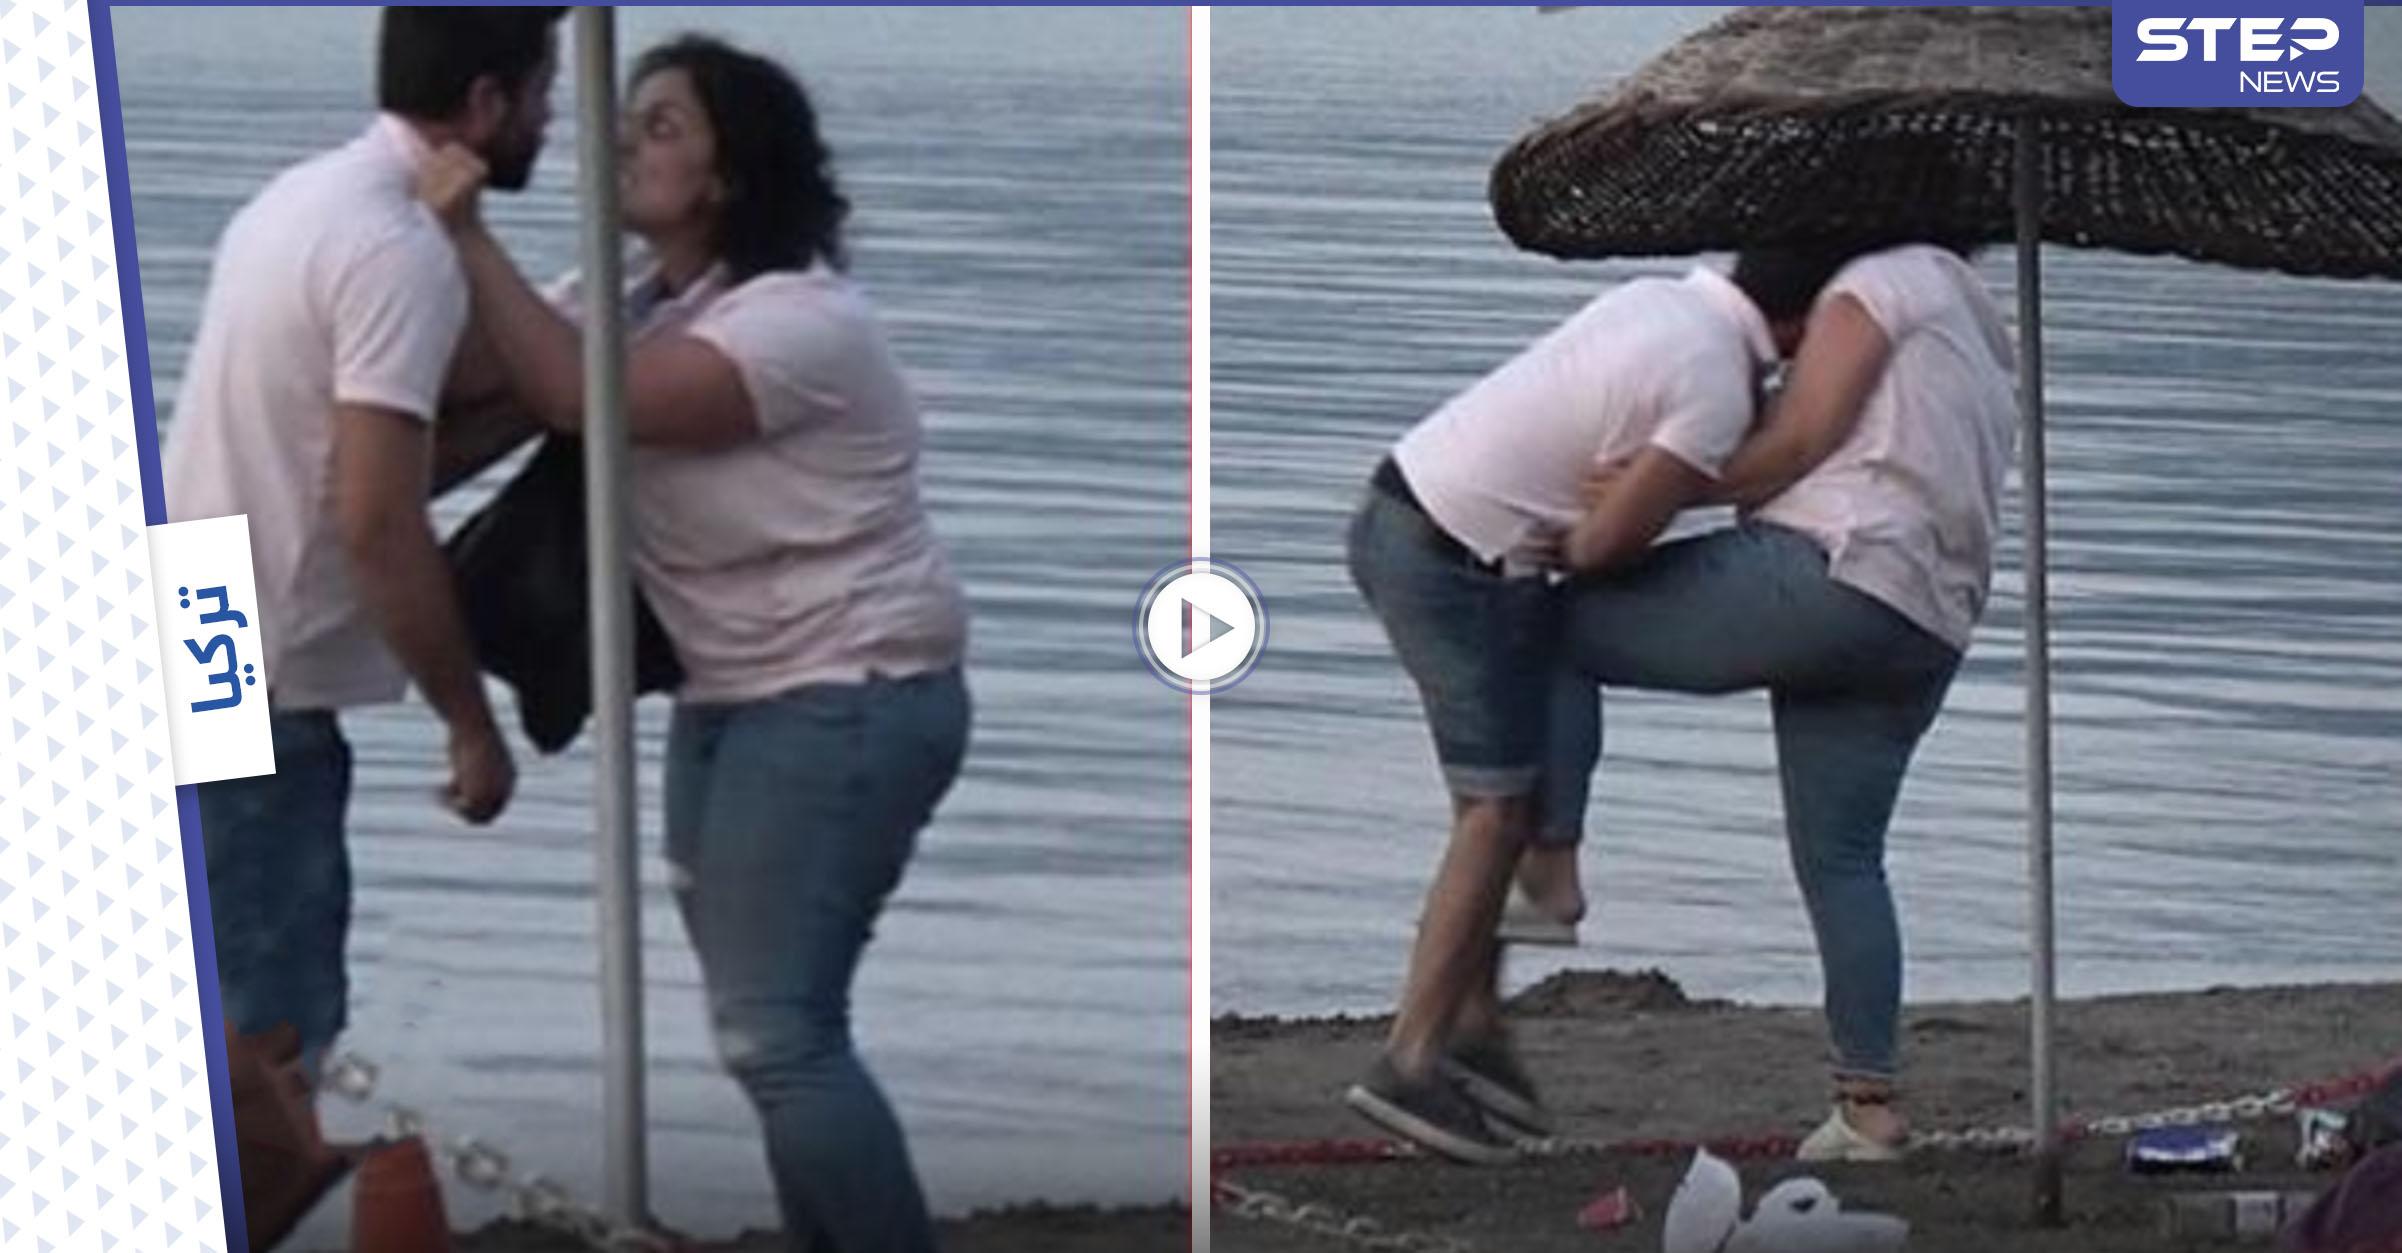 بالفيديو|| بالصفعات والركلات امرأة تهين رجلاً وتبرحه ضرباً على شاطئ مارماريس شاهد ردة فعله